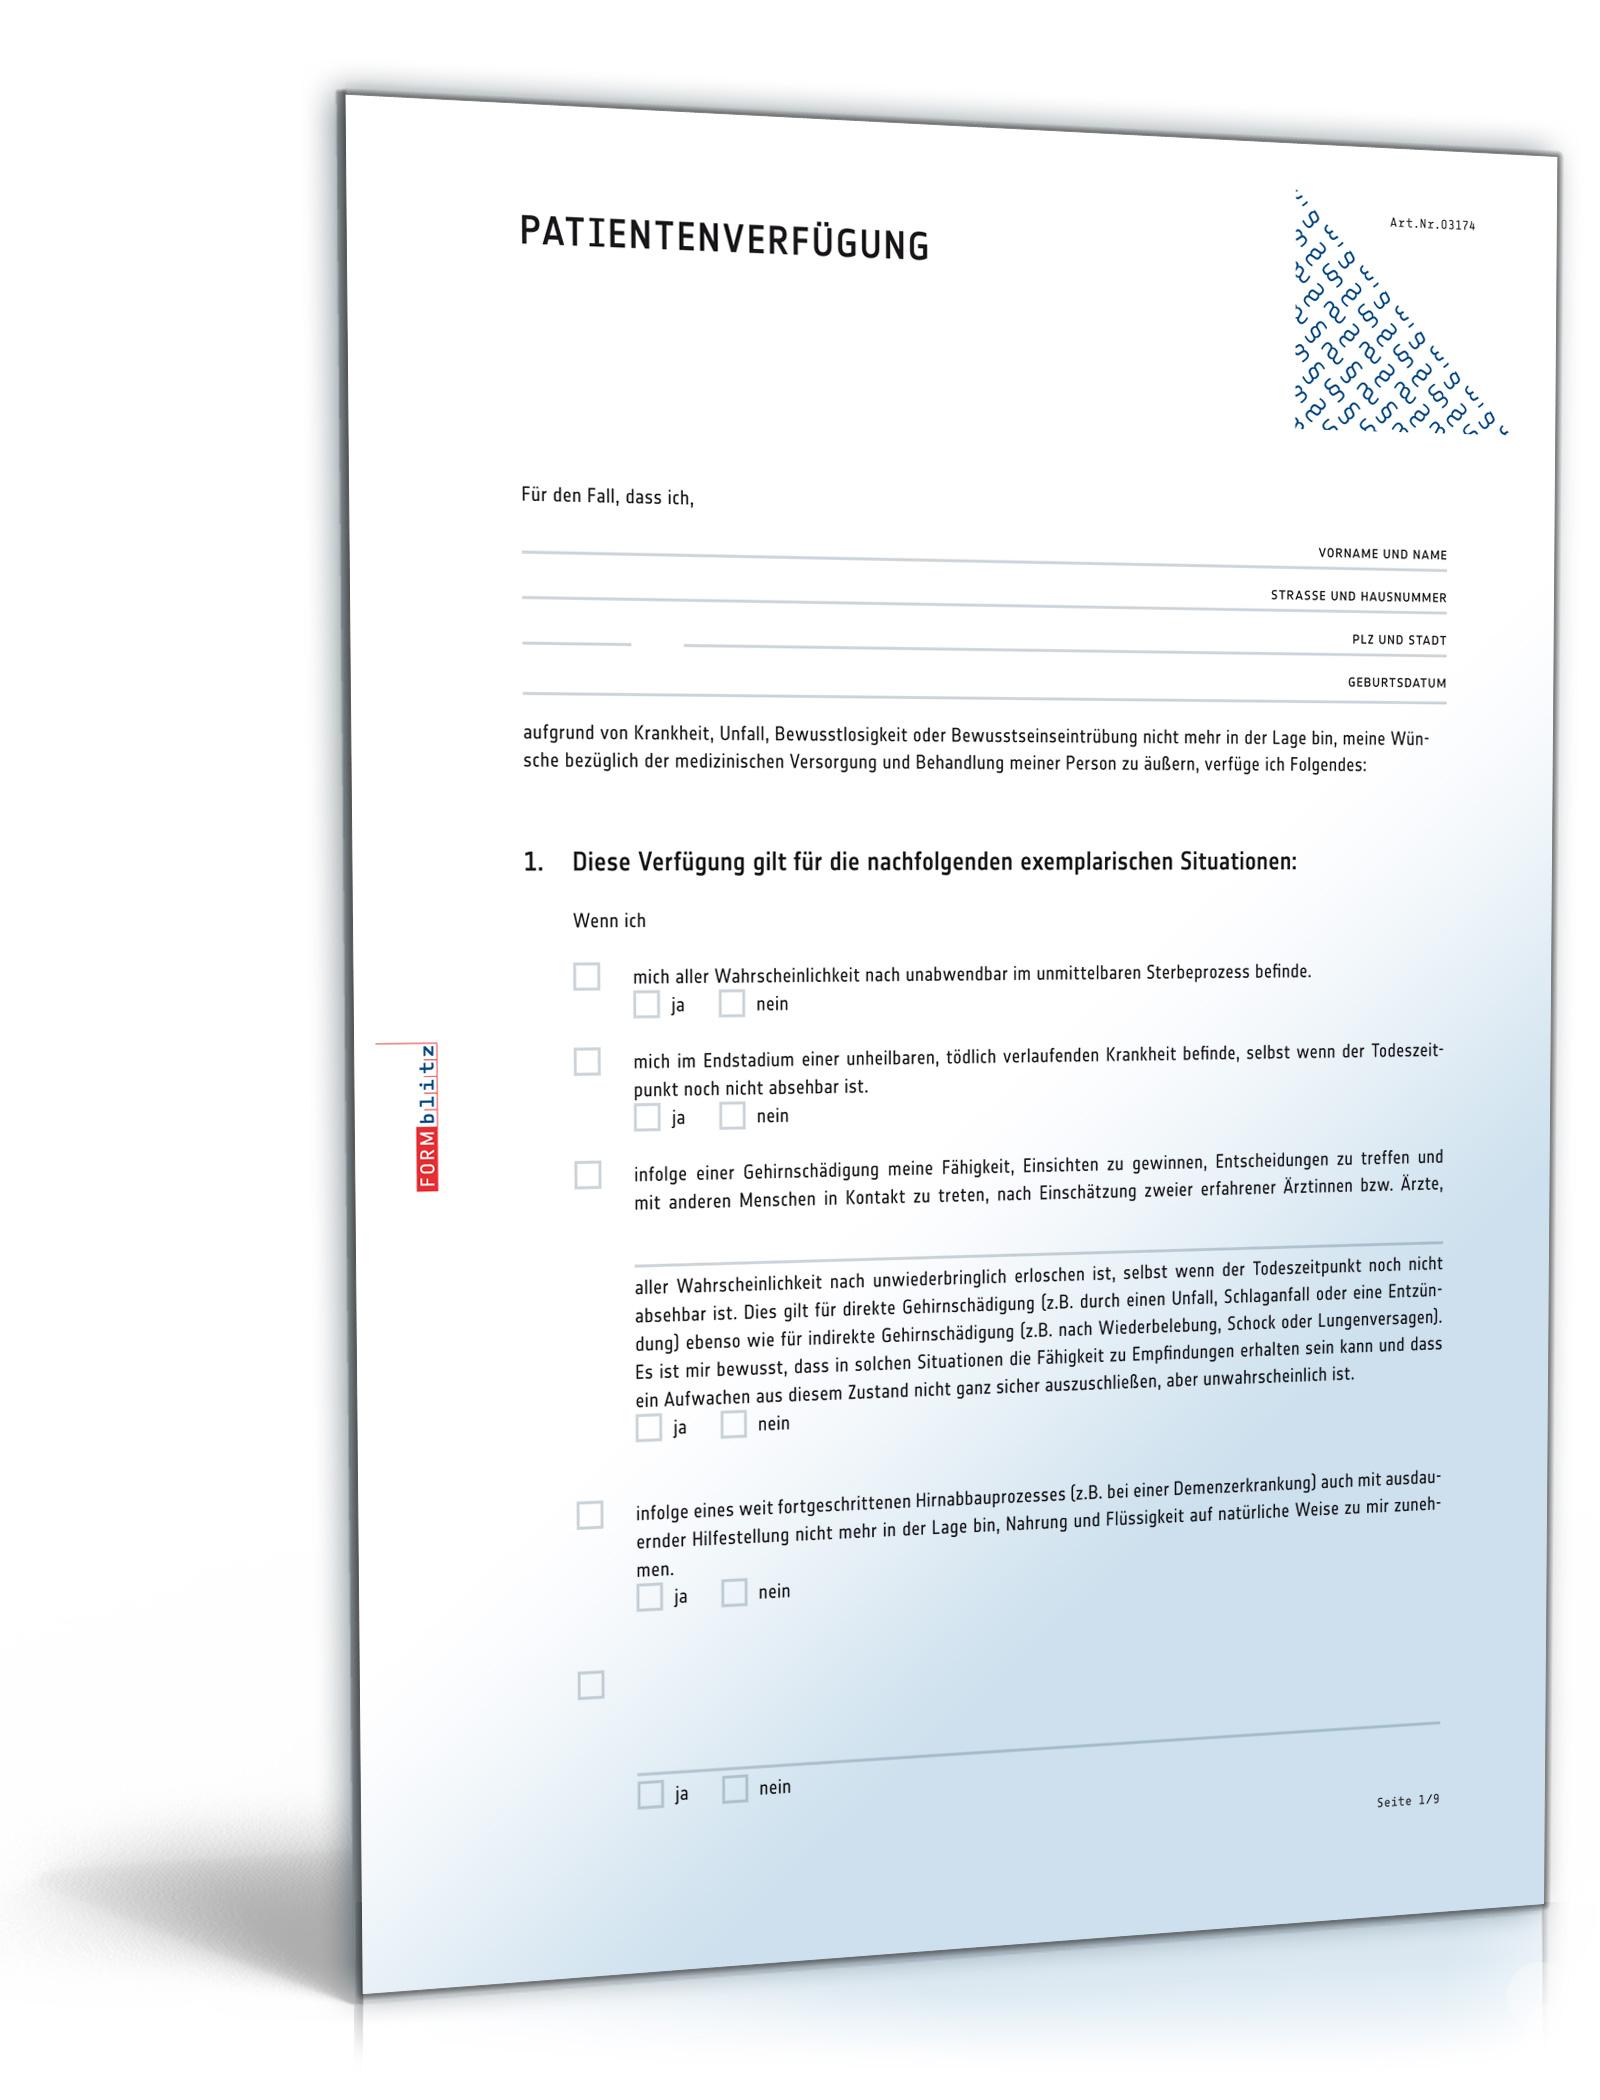 Patientenverfügung (DOC) - Patientenwillen rechtsverbindlich festlegen [Download] (Medizinische Vollmacht)